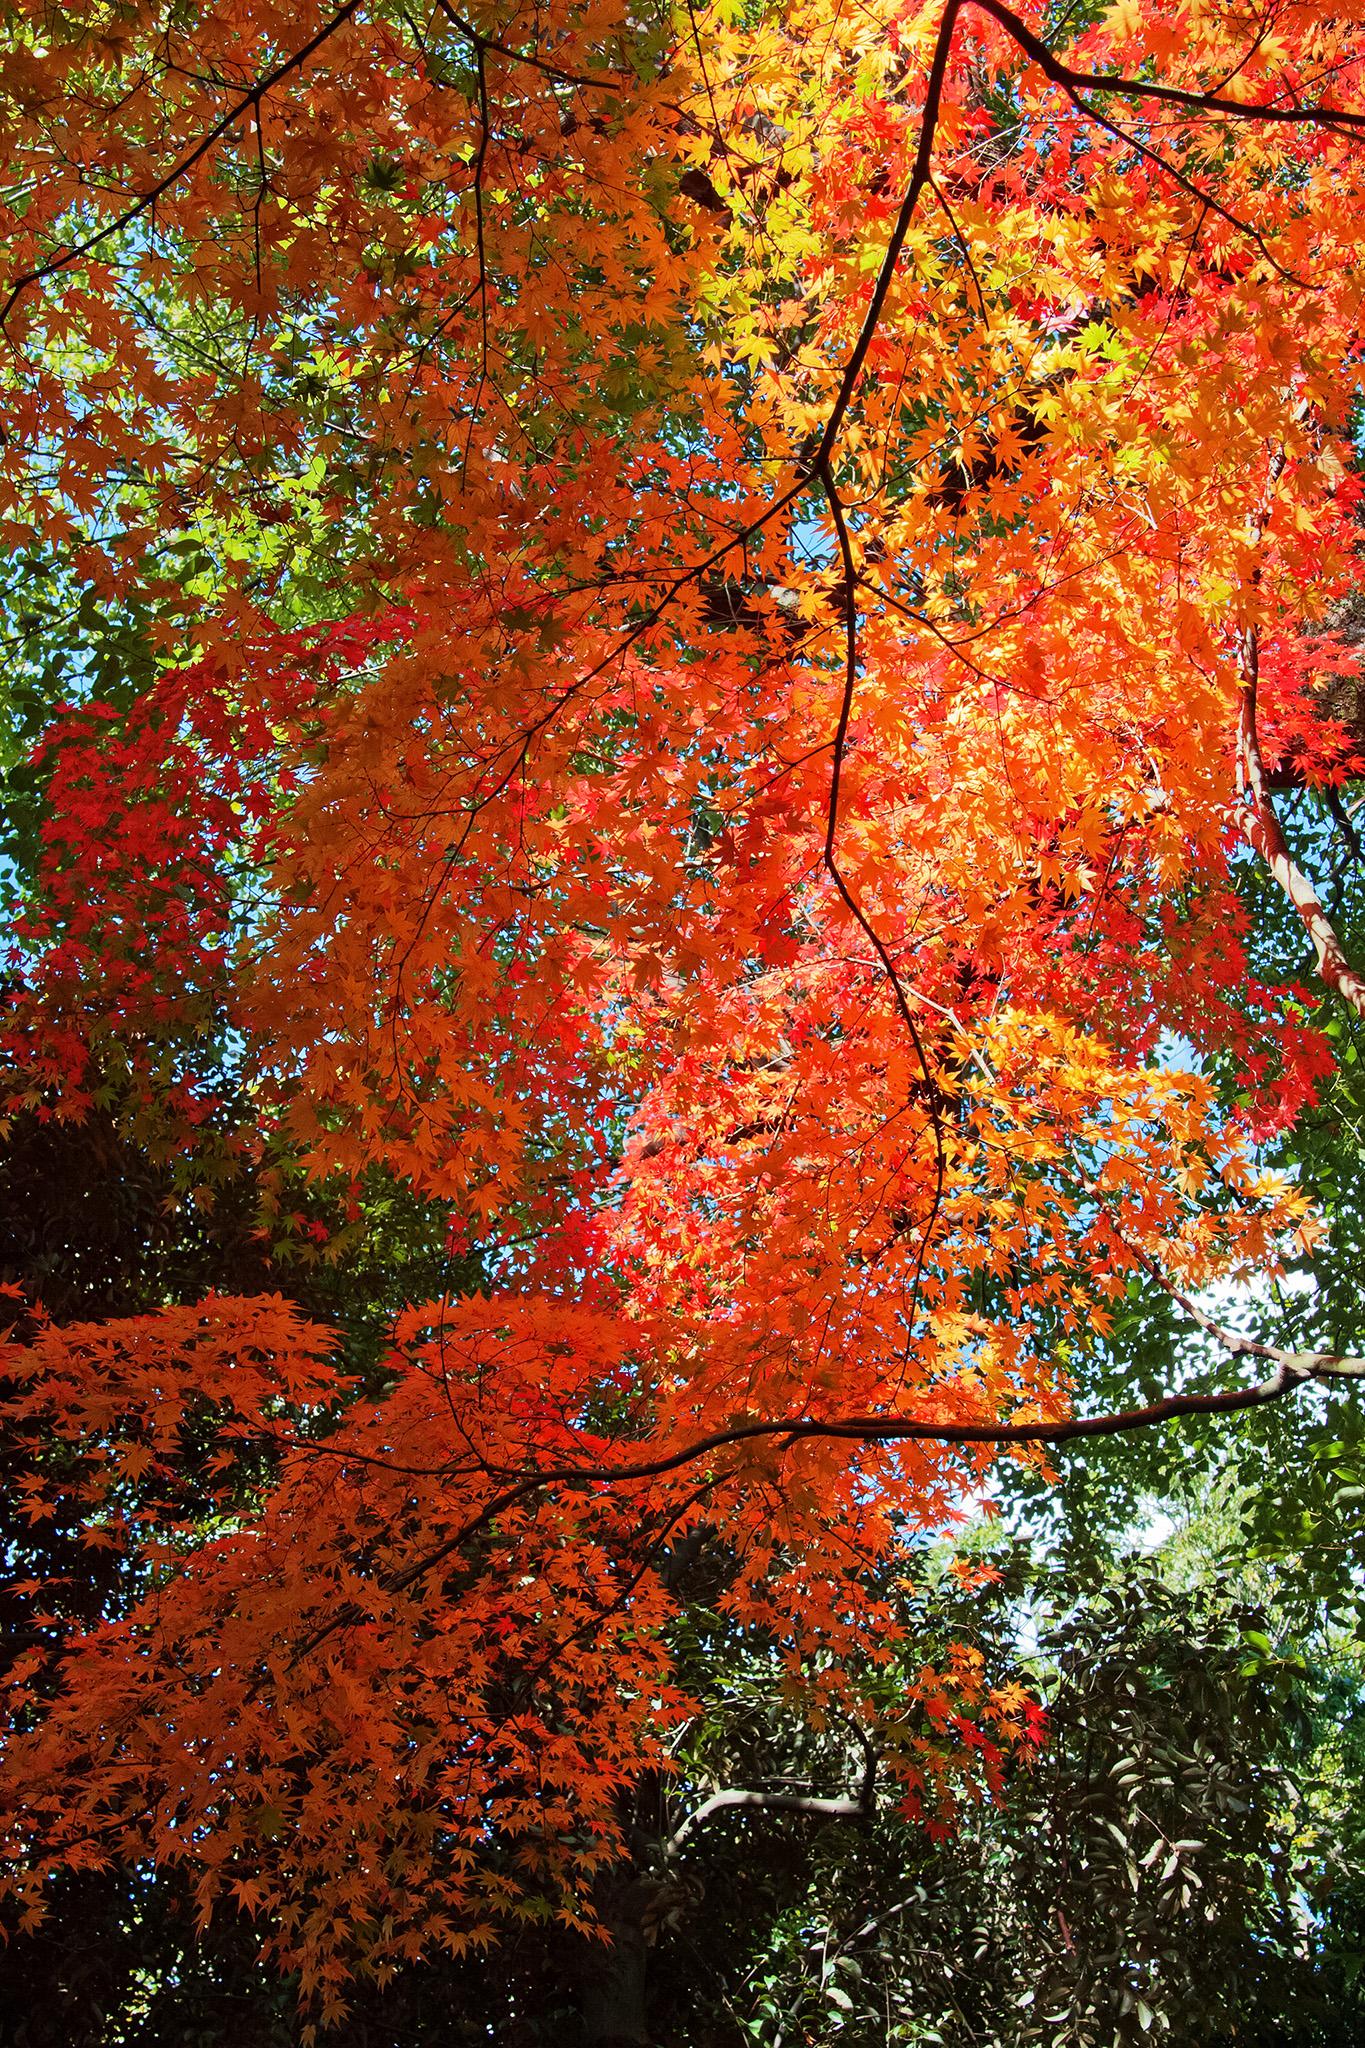 「緑の背景に紅葉が垂さがる」